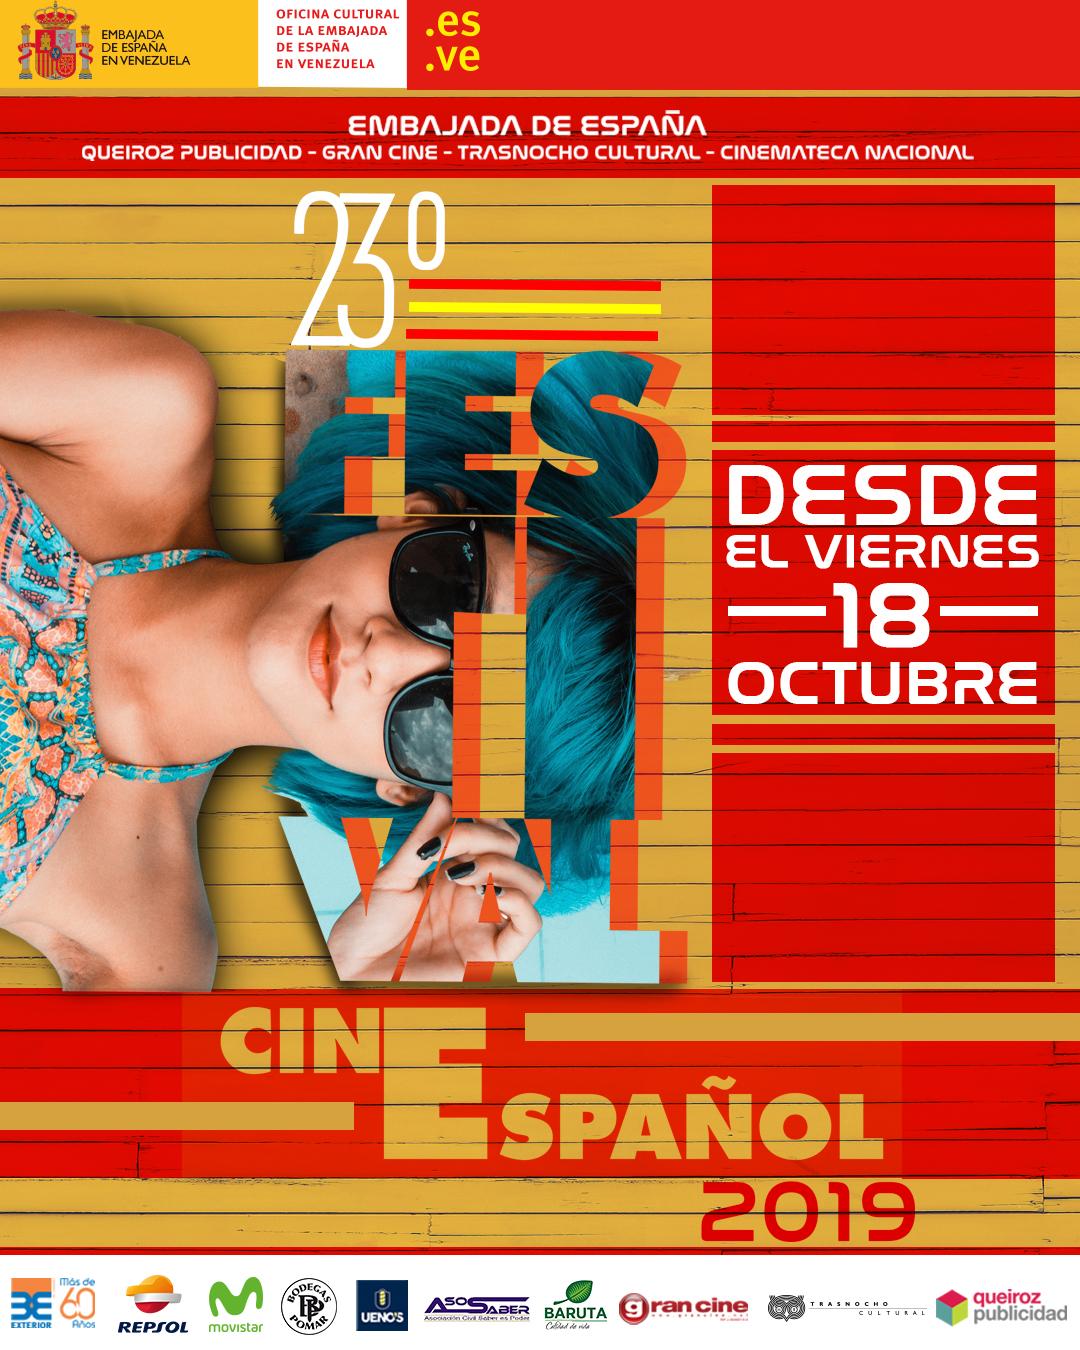 100 Mejores Películas Eróticas Del Cine Español desde el 18/10/2019>> xxiii festival de cine espaÑol